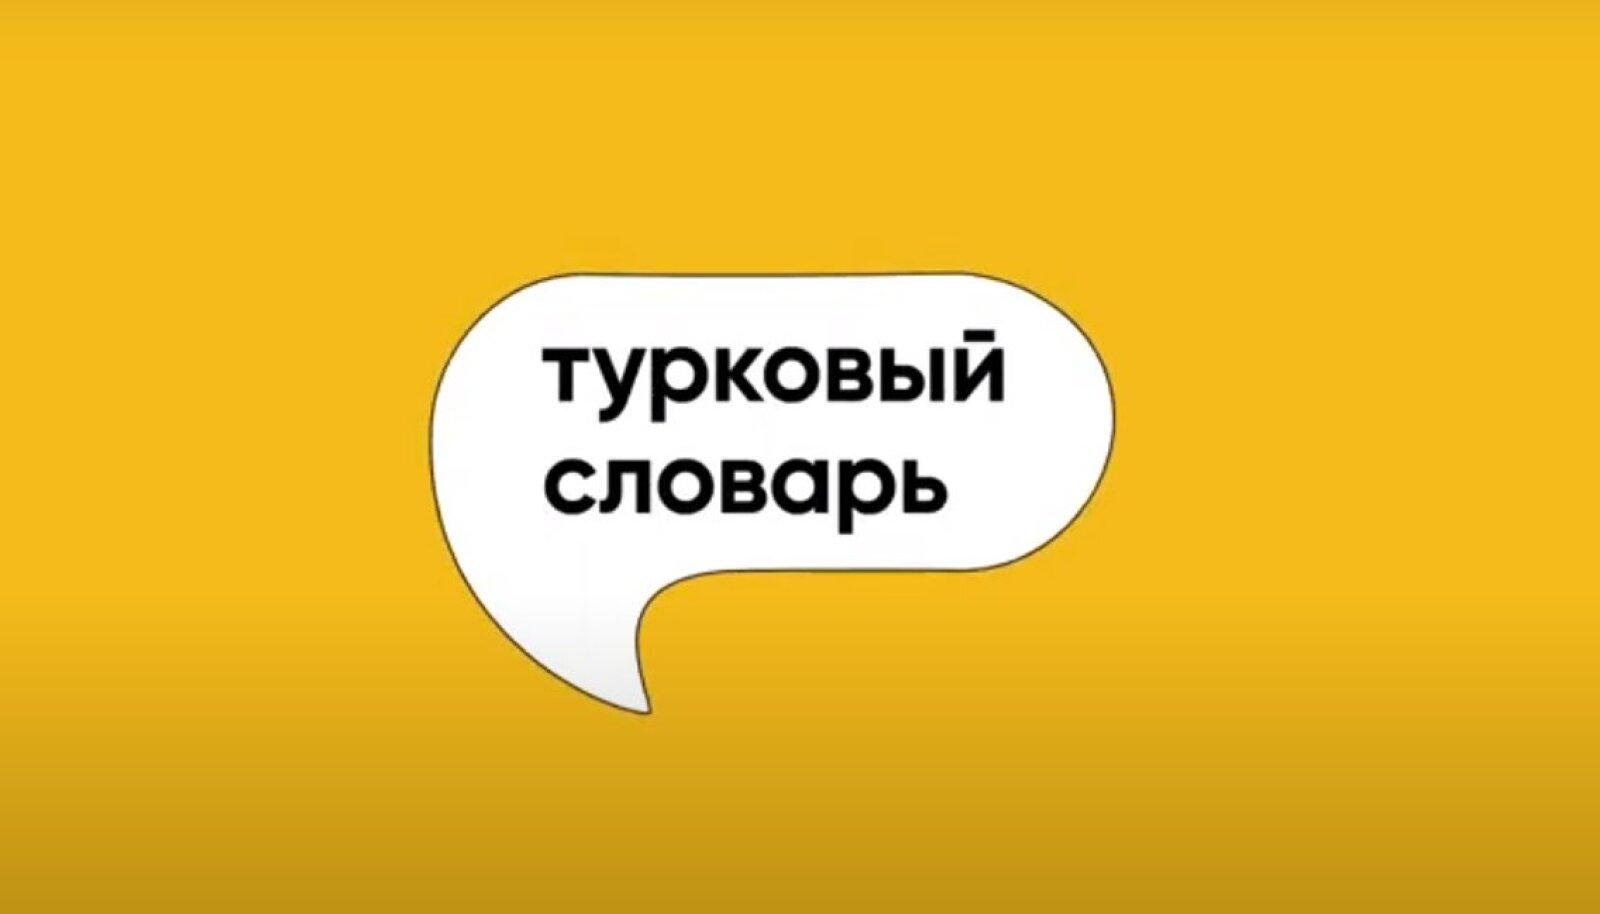 Турковый словарь